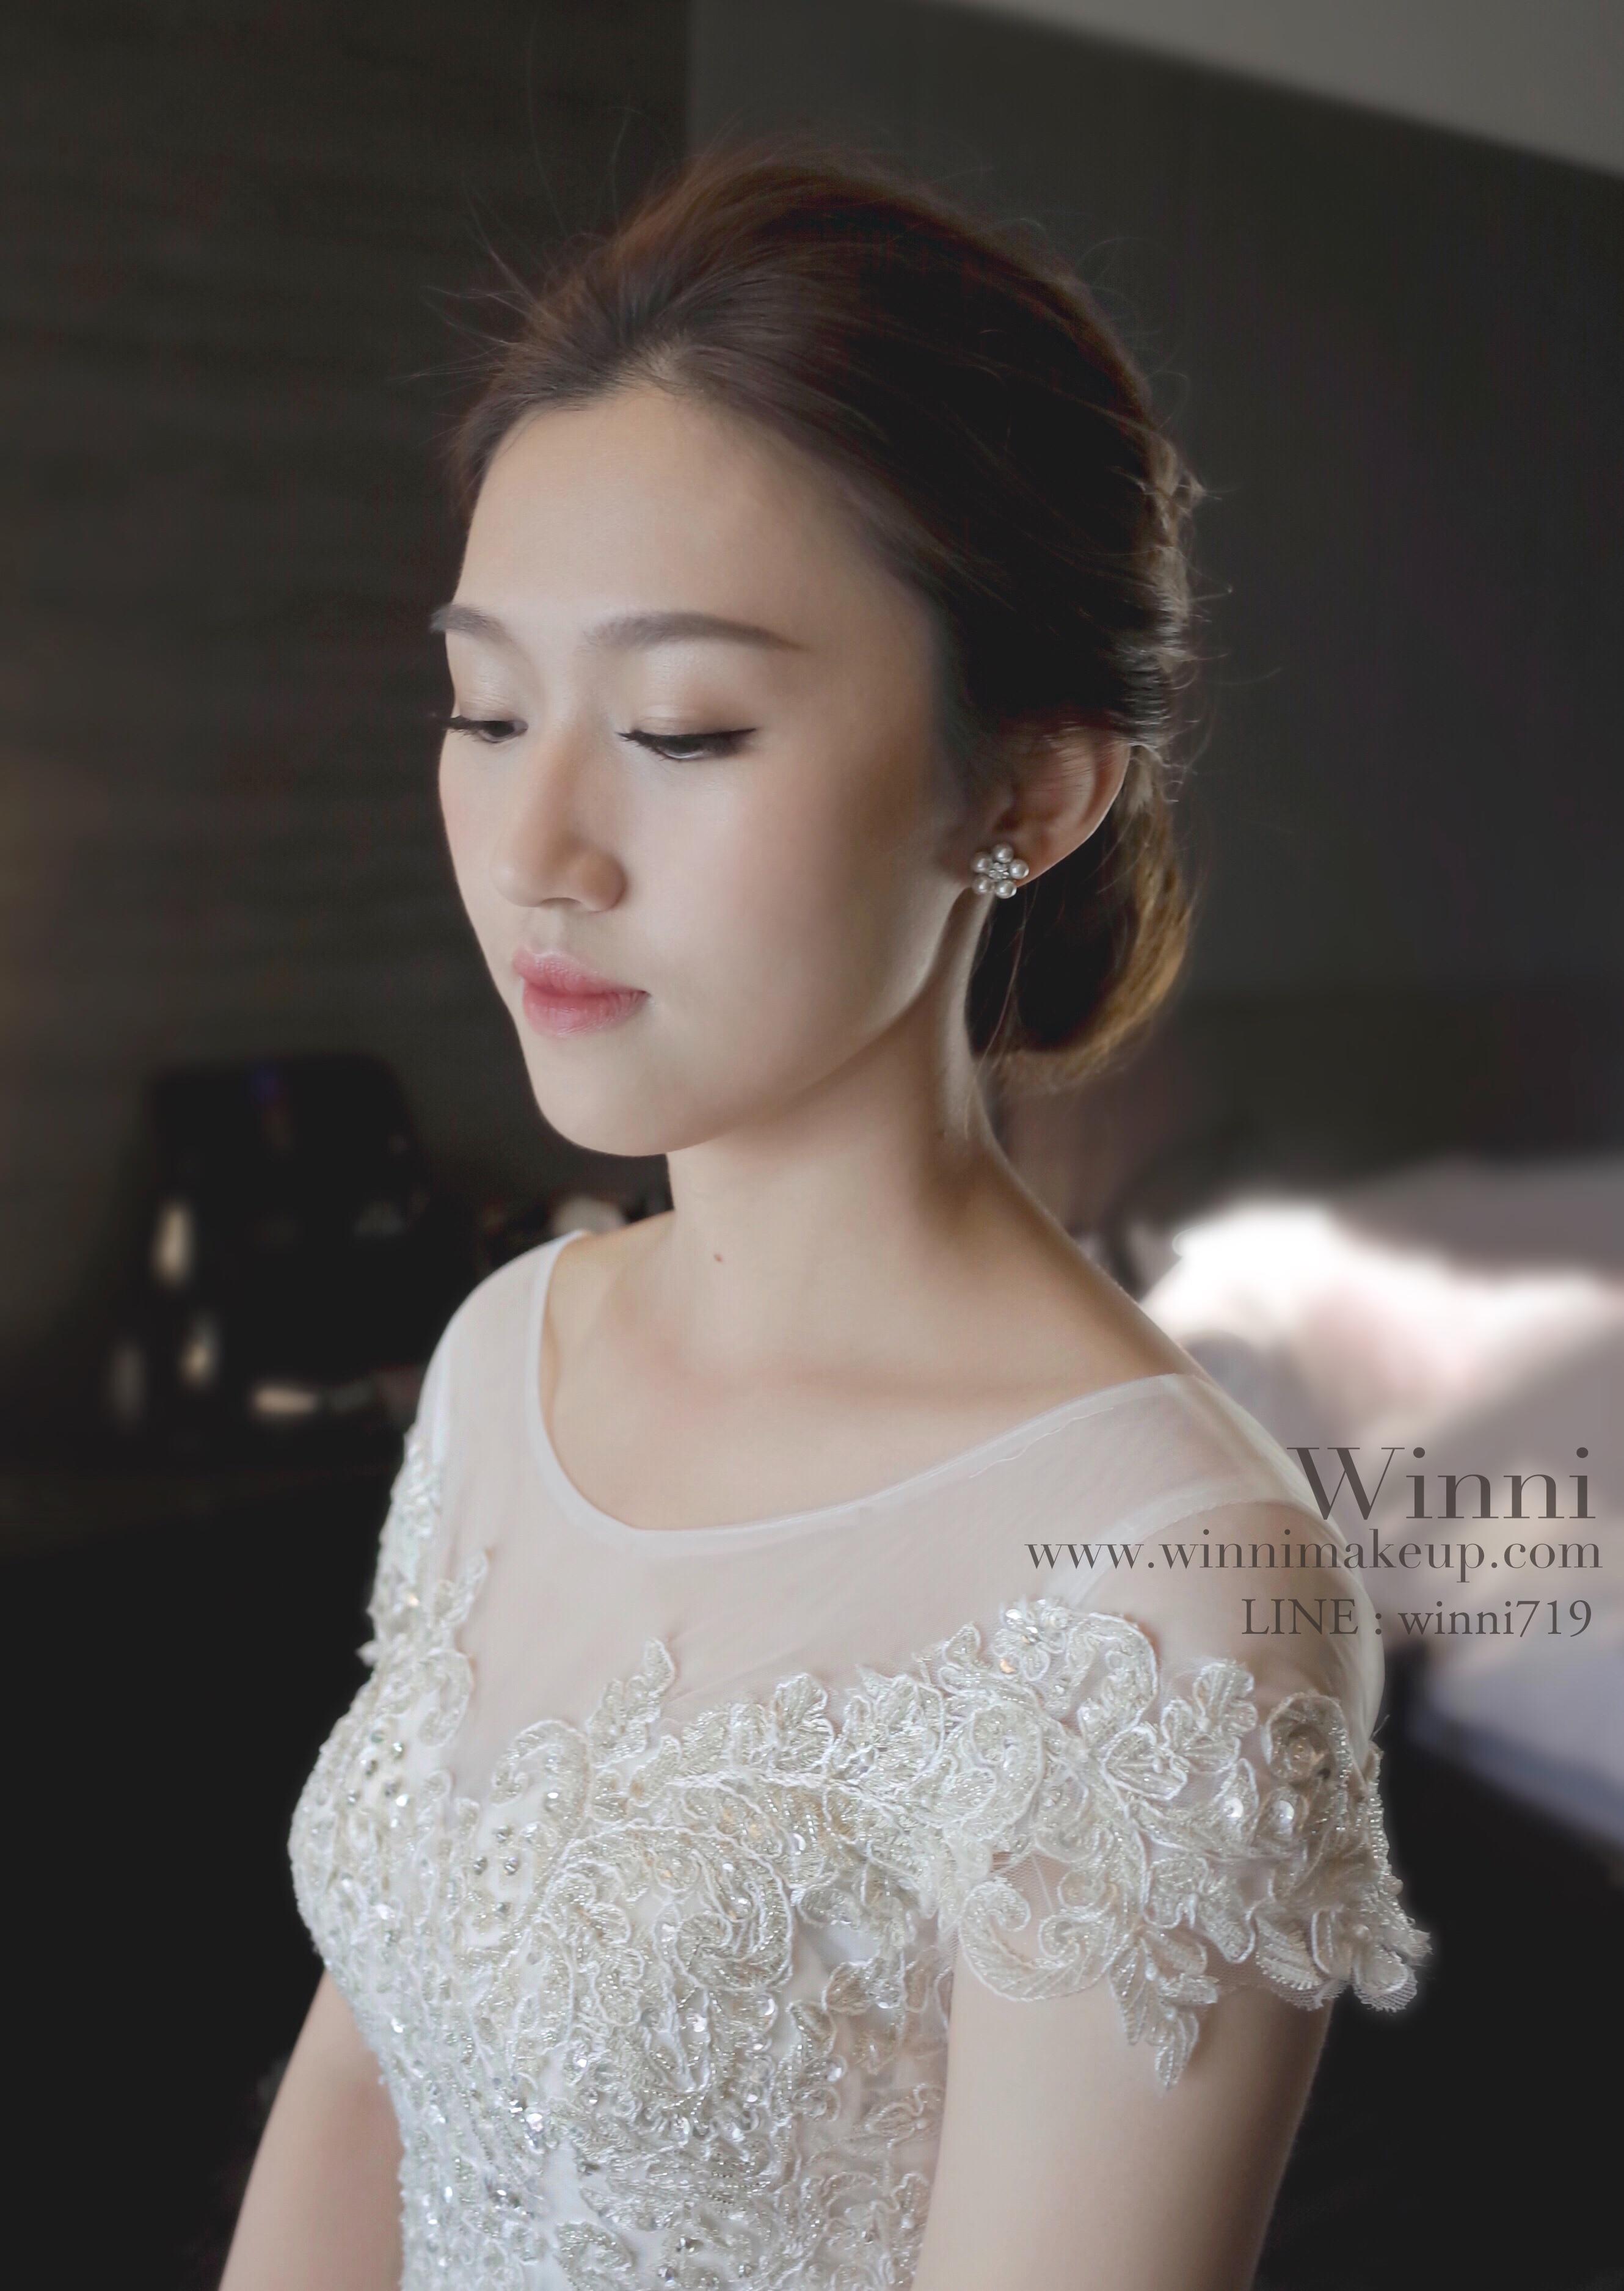 #質感妝容 #新娘妝 #漂亮眉型